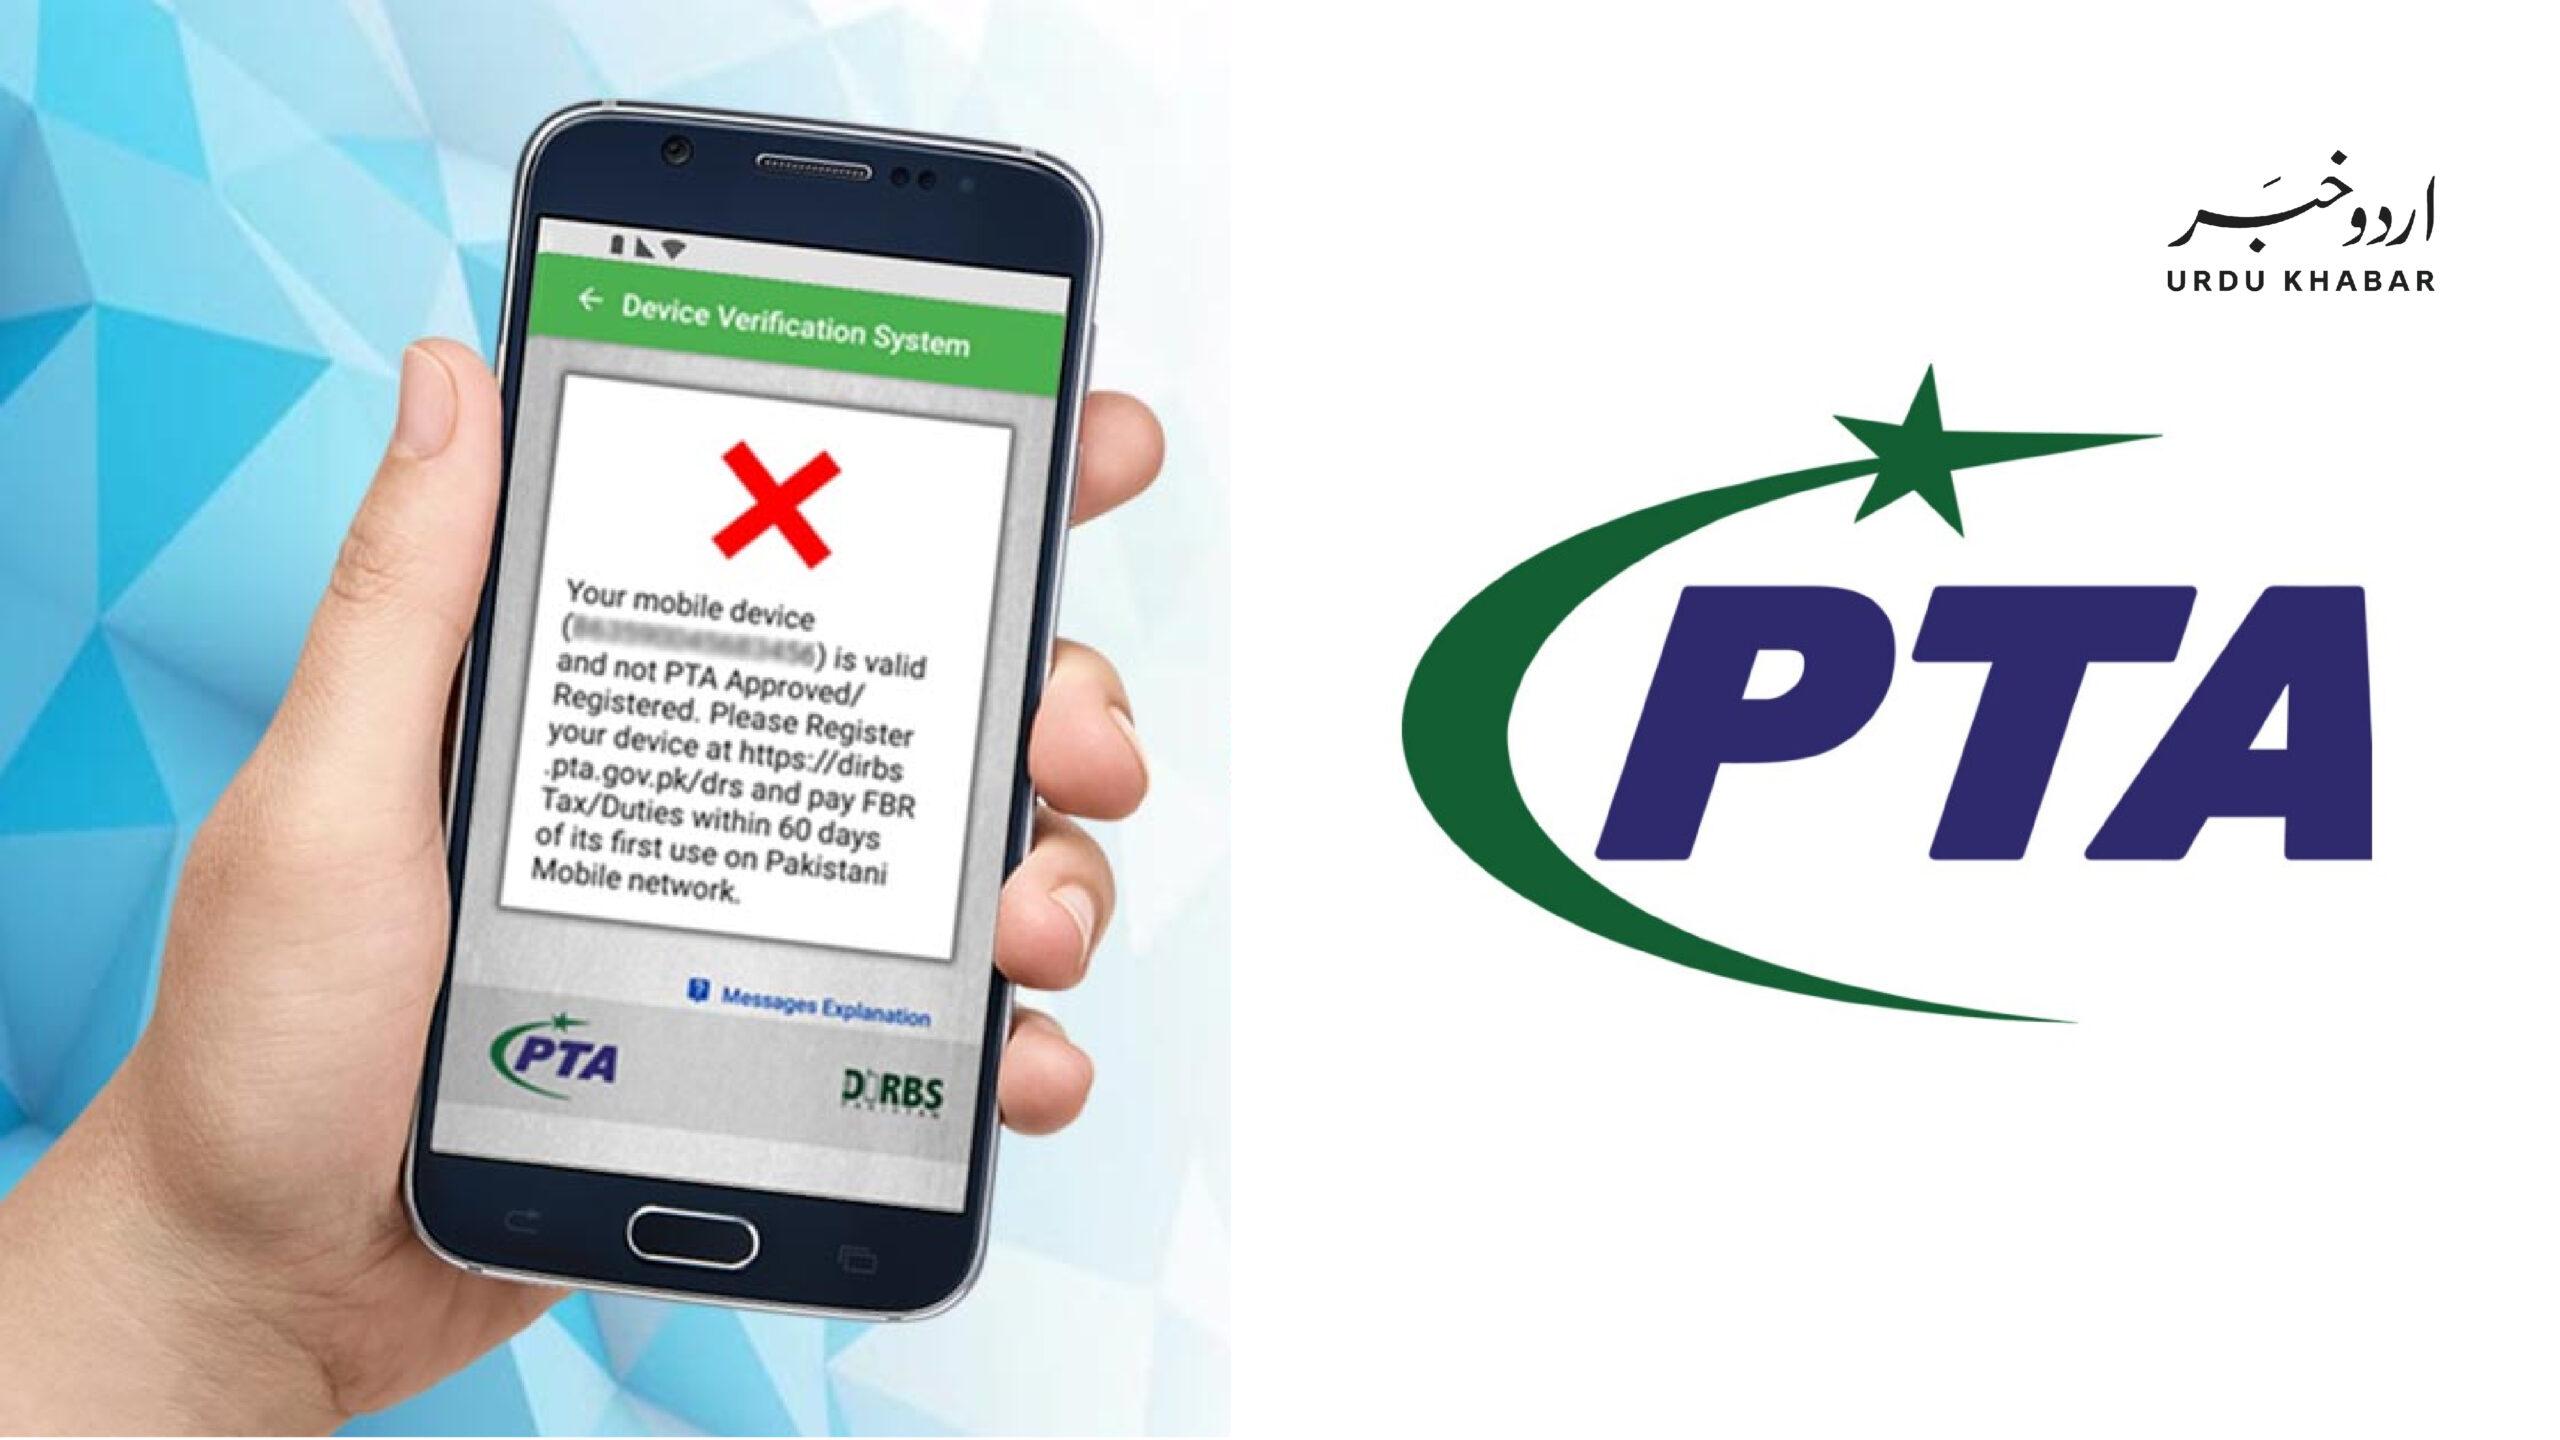 اگر آپ کا موبائل چوری ہو چکا تو پی ٹی اے اسے بلاک کرنے کی سہولت مہیا کرتی ہے